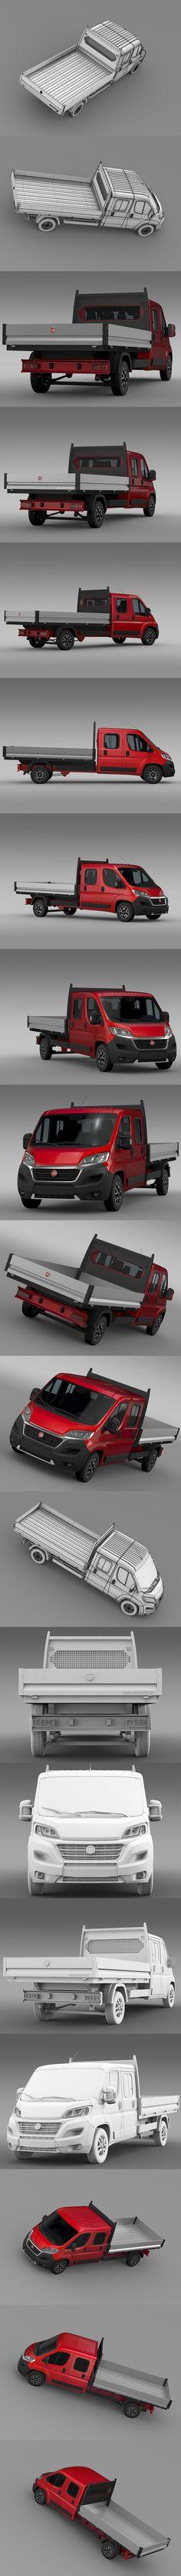 Fiat Ducato Crew Cab Truck 2016. Commercial #ducato